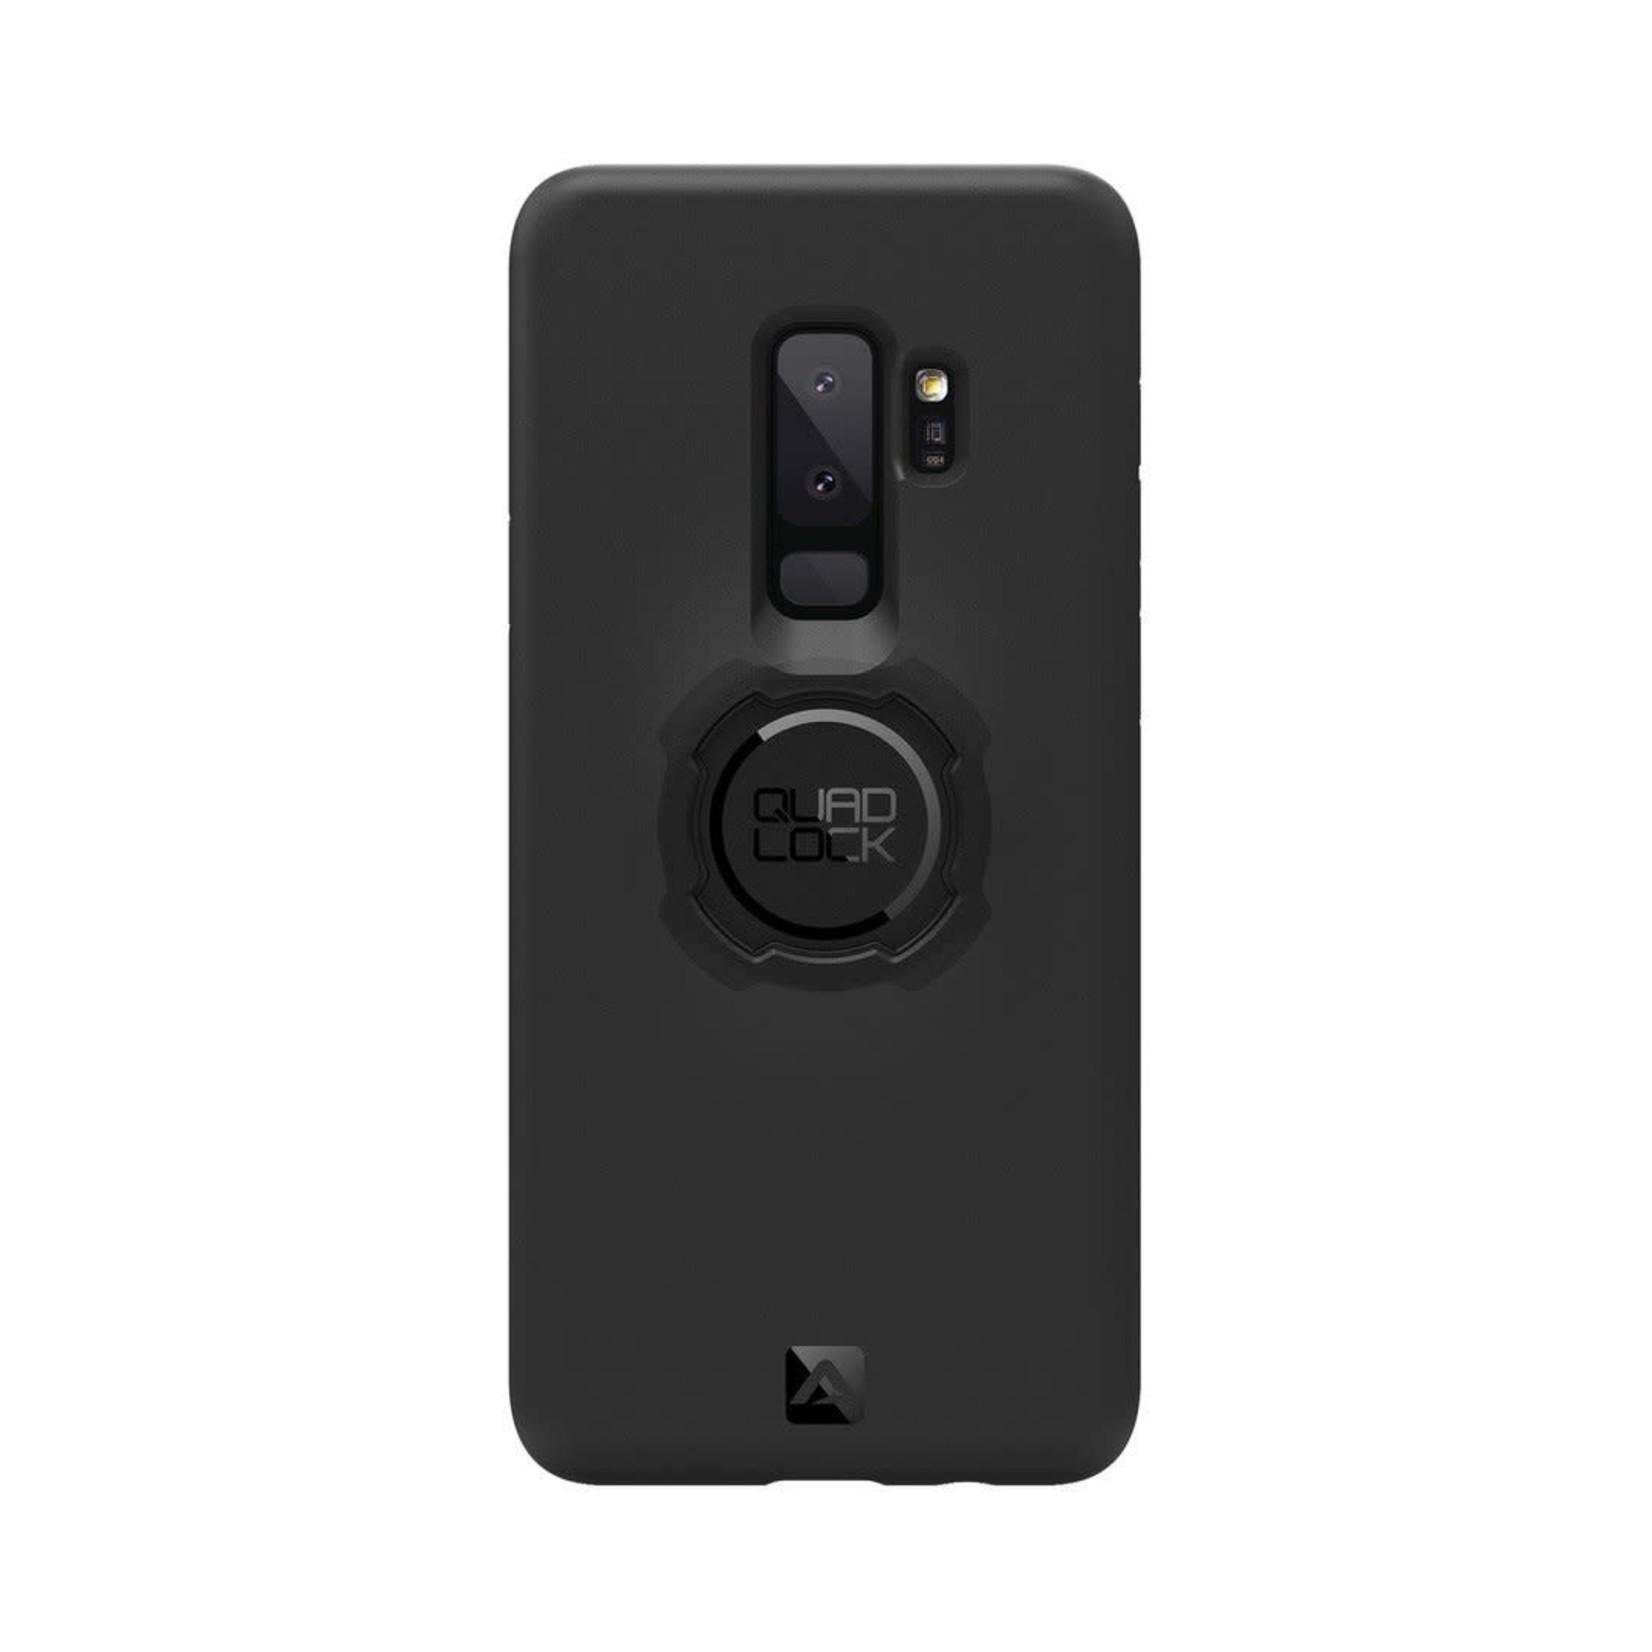 Quadlock  Quad Lock Iphone 11 case